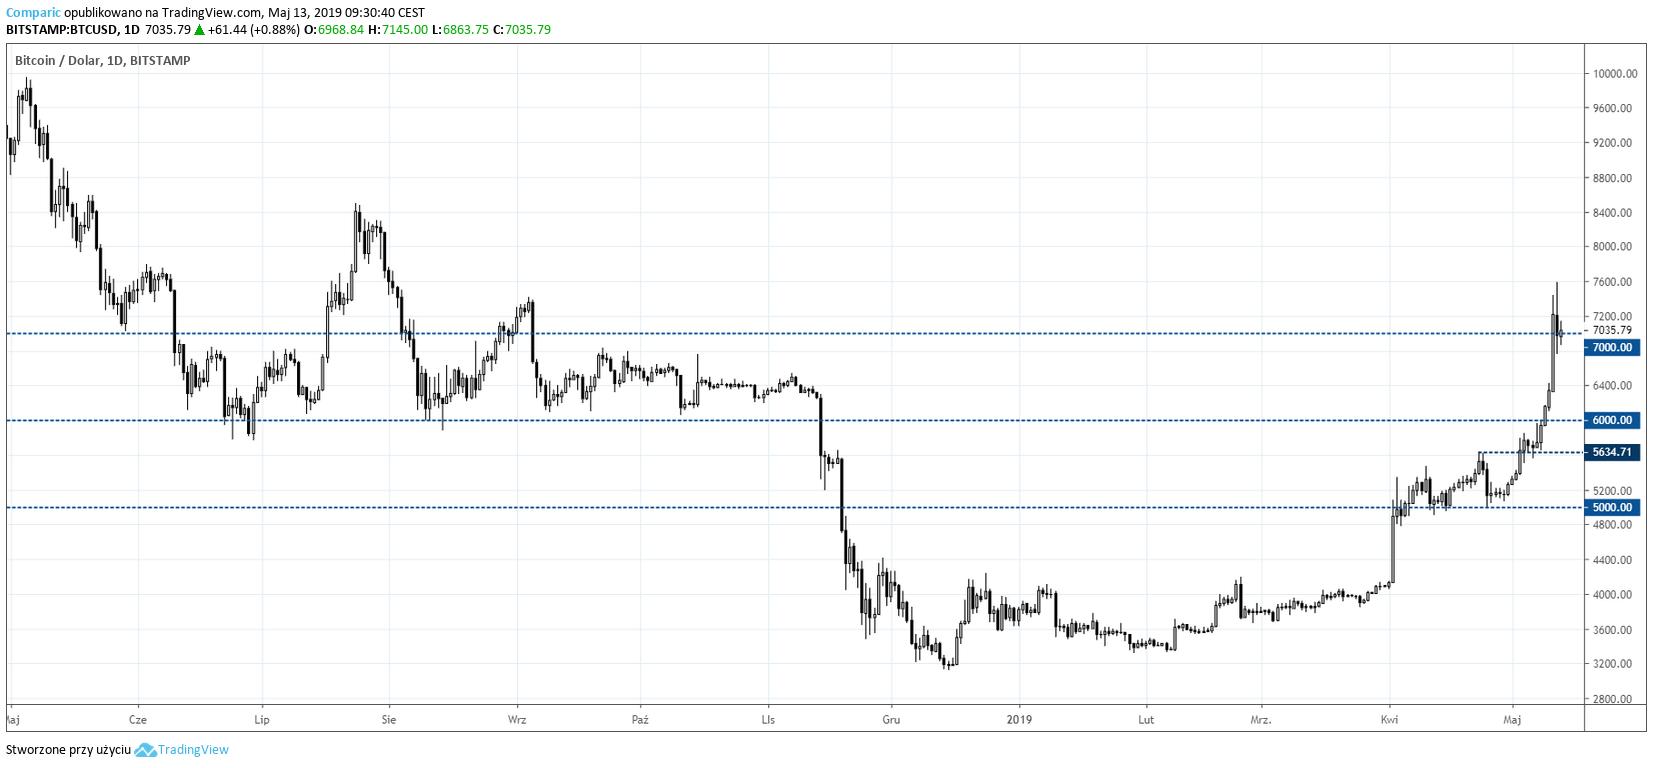 Bitcoin na wykresie dziennym. Kurs BTC silnie wzrasta do dolara